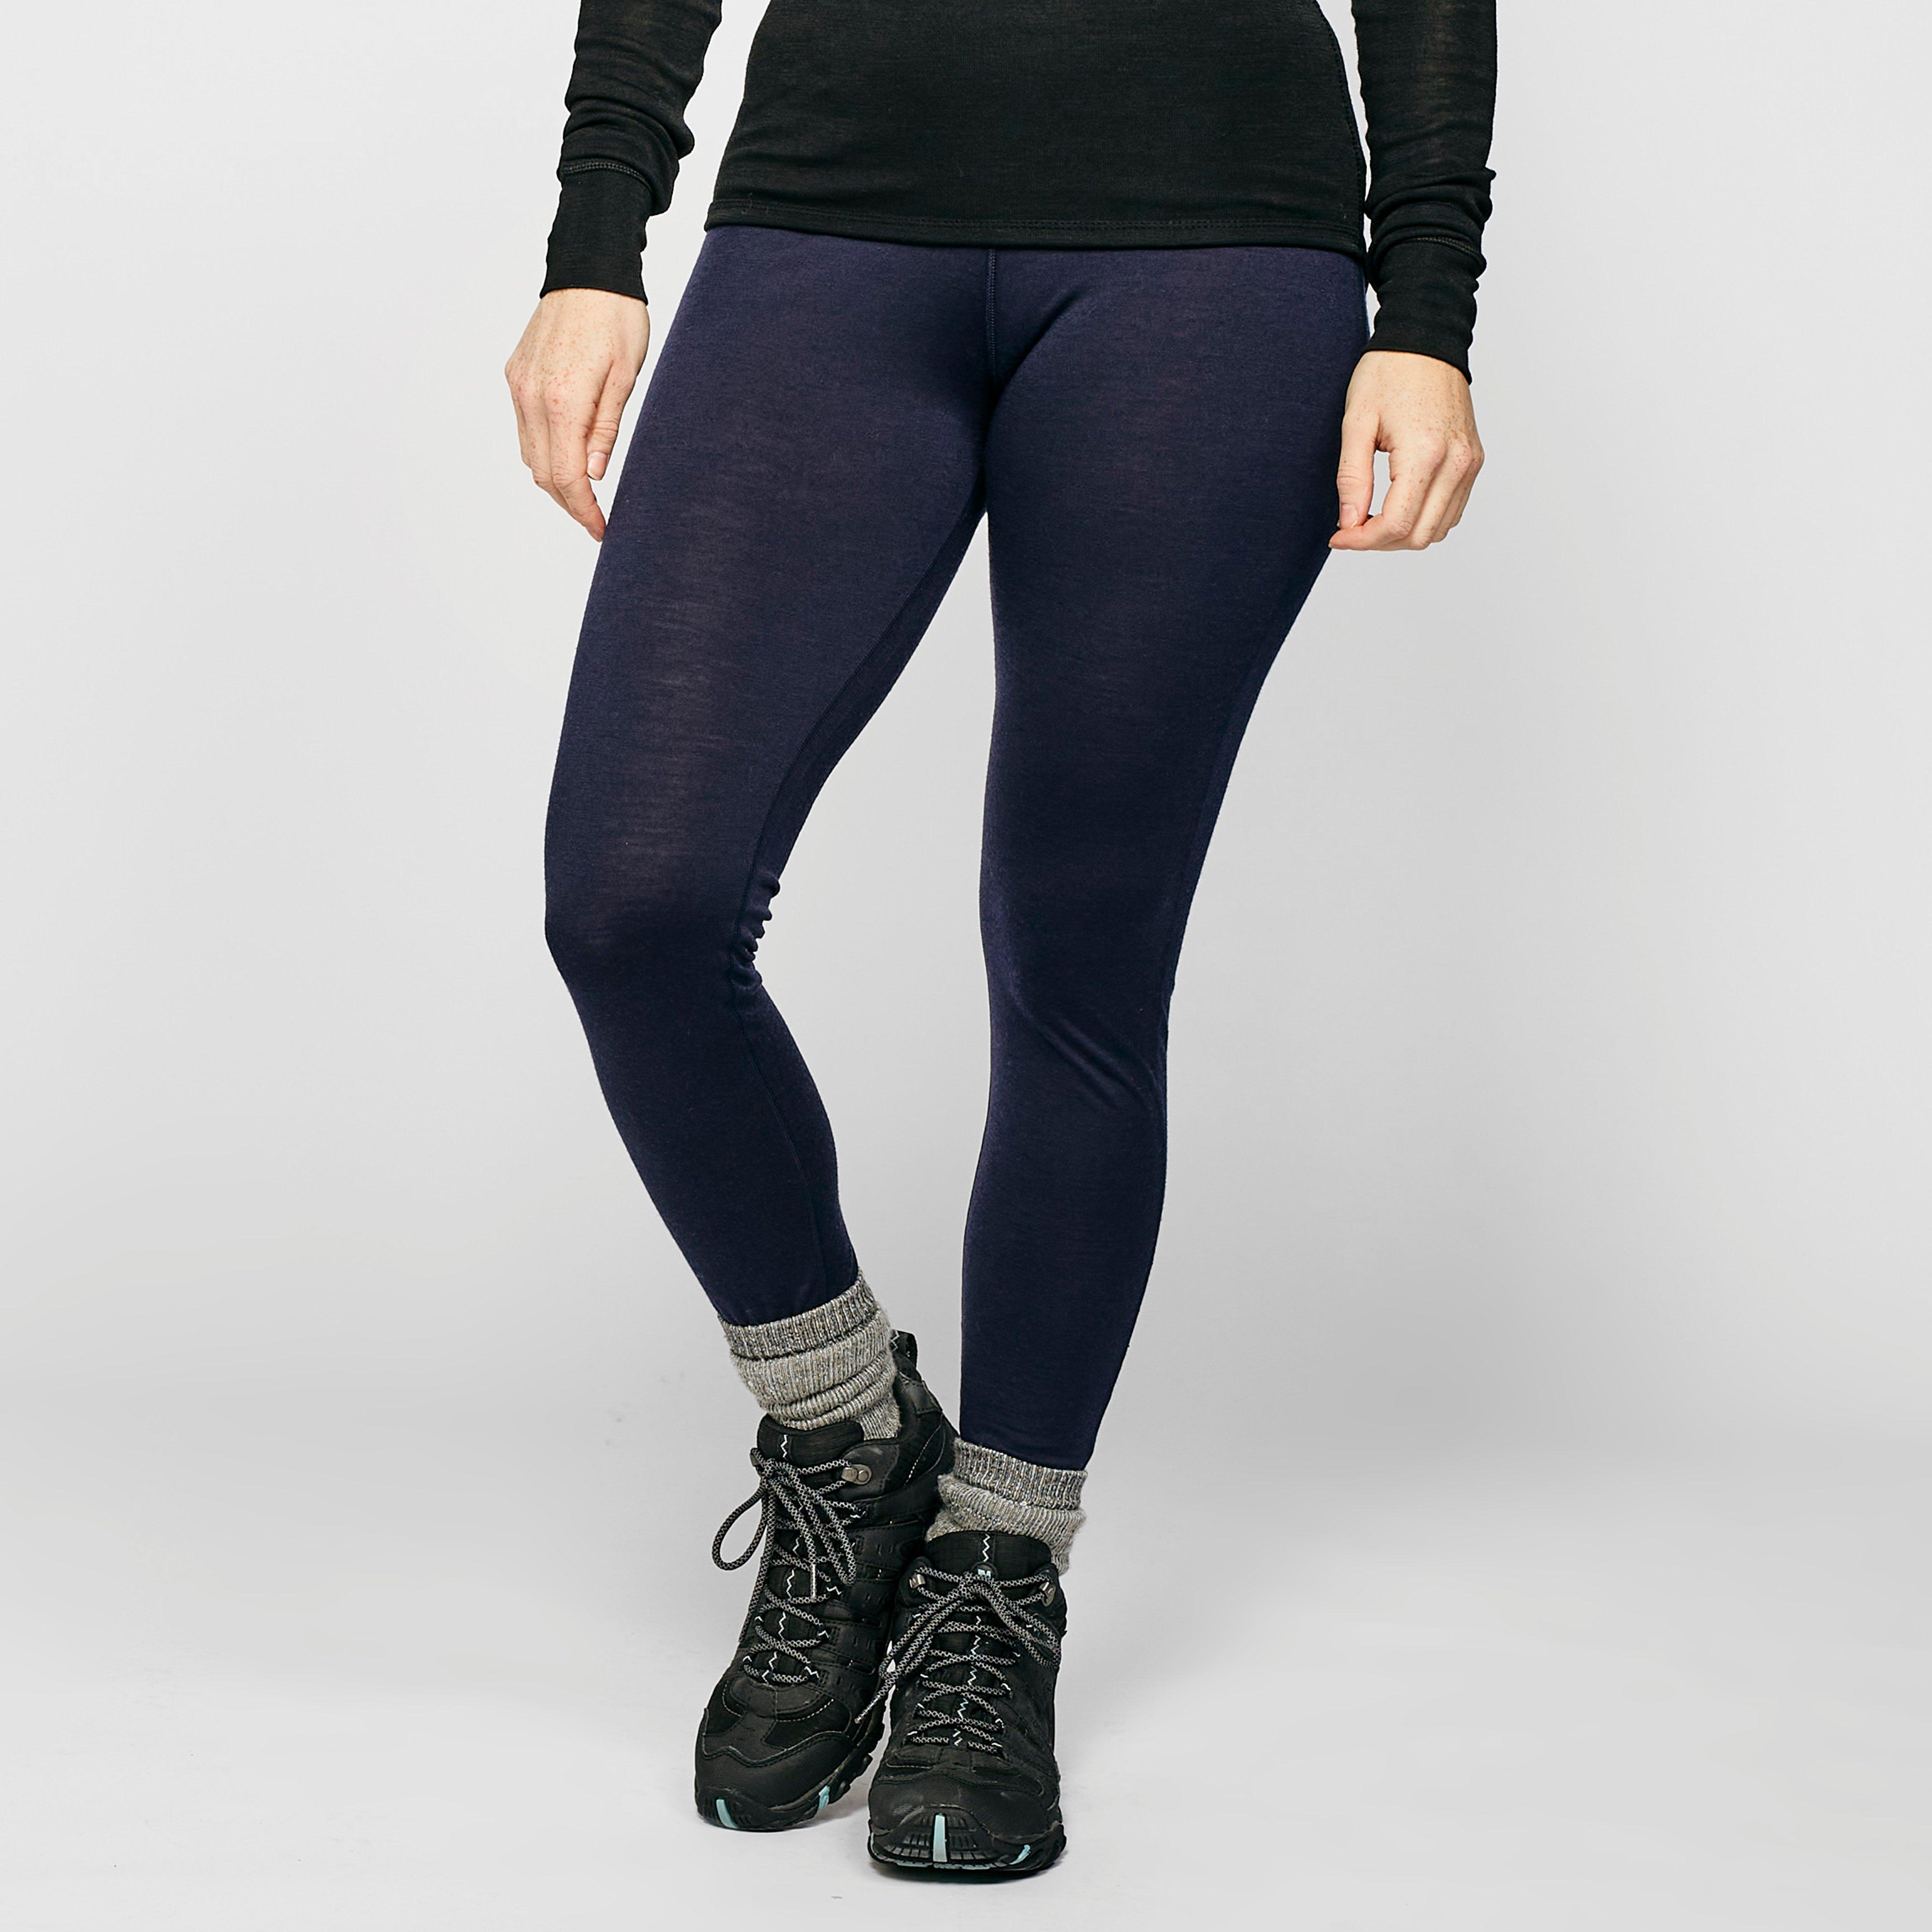 Image of Icebreaker Women's 200 Oasis Deluxe Leggings - Navy/Navy, NAVY/NAVY